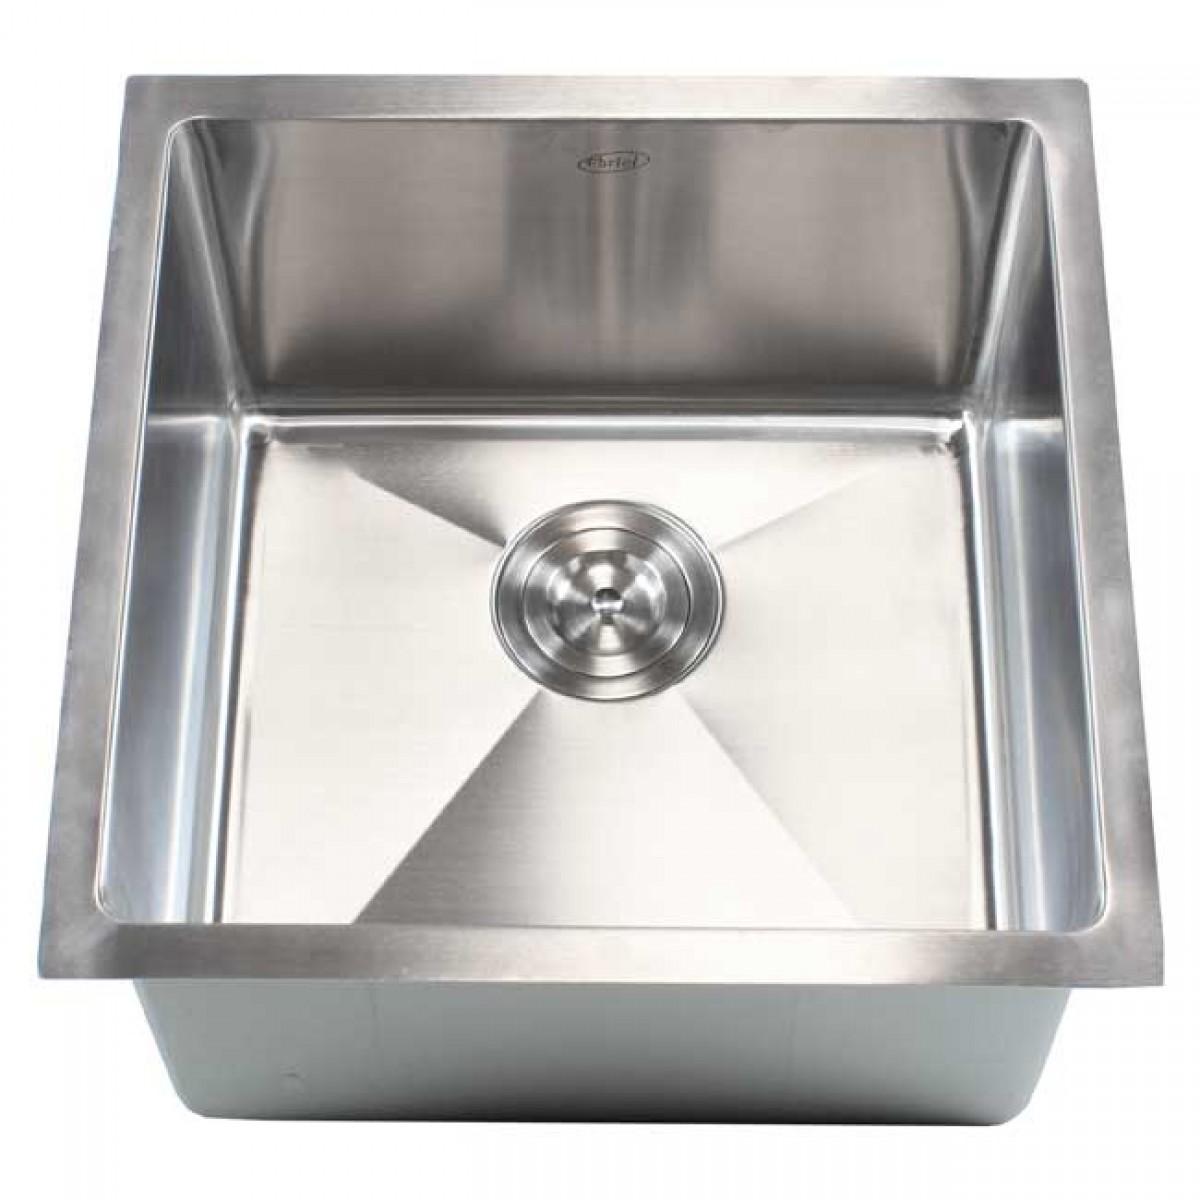 18 Inch Stainless Steel Undermount Single Bowl Kitchen Bar Prep Sink 15mm Radius Design 16 Gauge